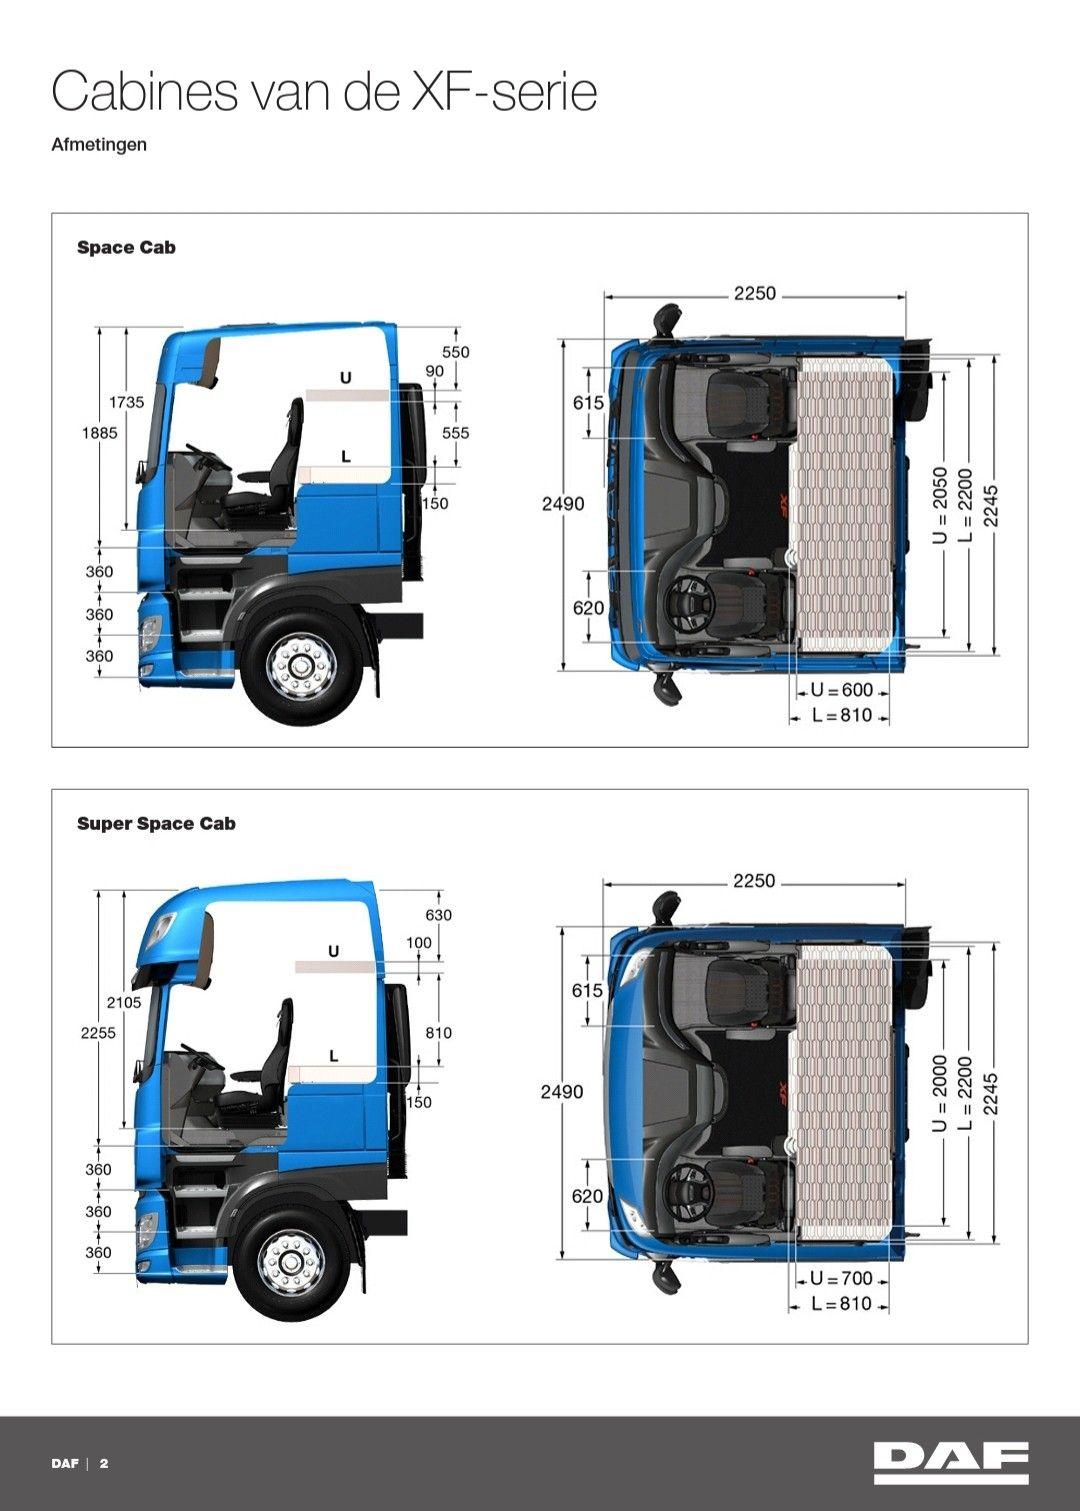 Daf Cabines Xf Serie Em 2020 Caminhao Desenho Caminhoes Scania